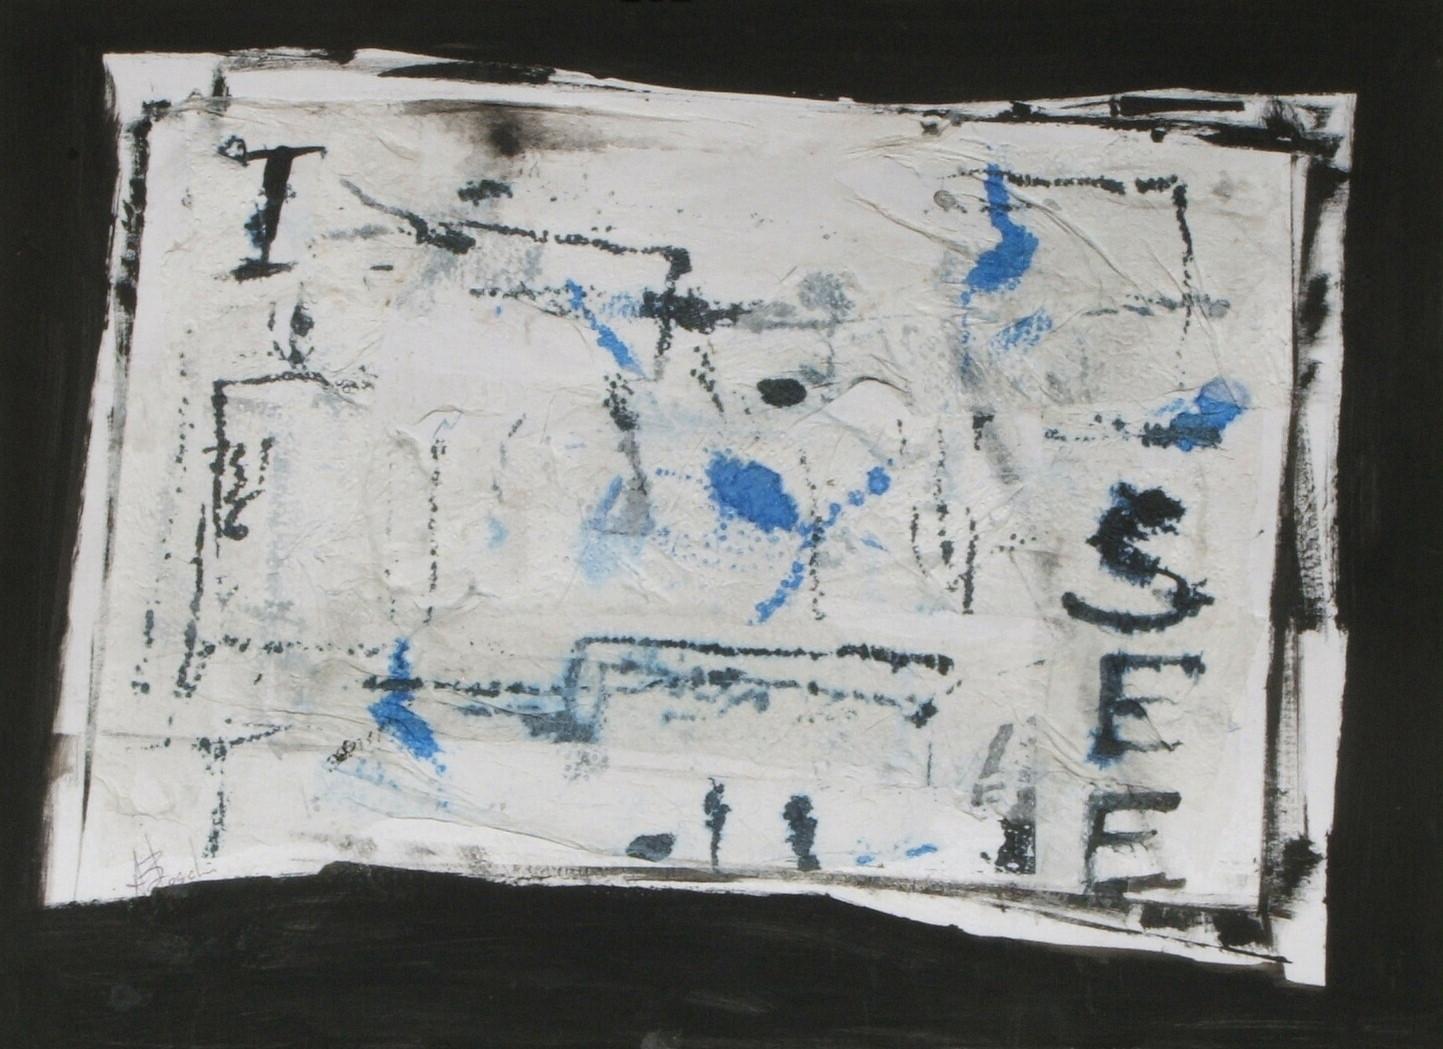 Carte assorbenti-8 I SEE, 2010 - cm 24x34